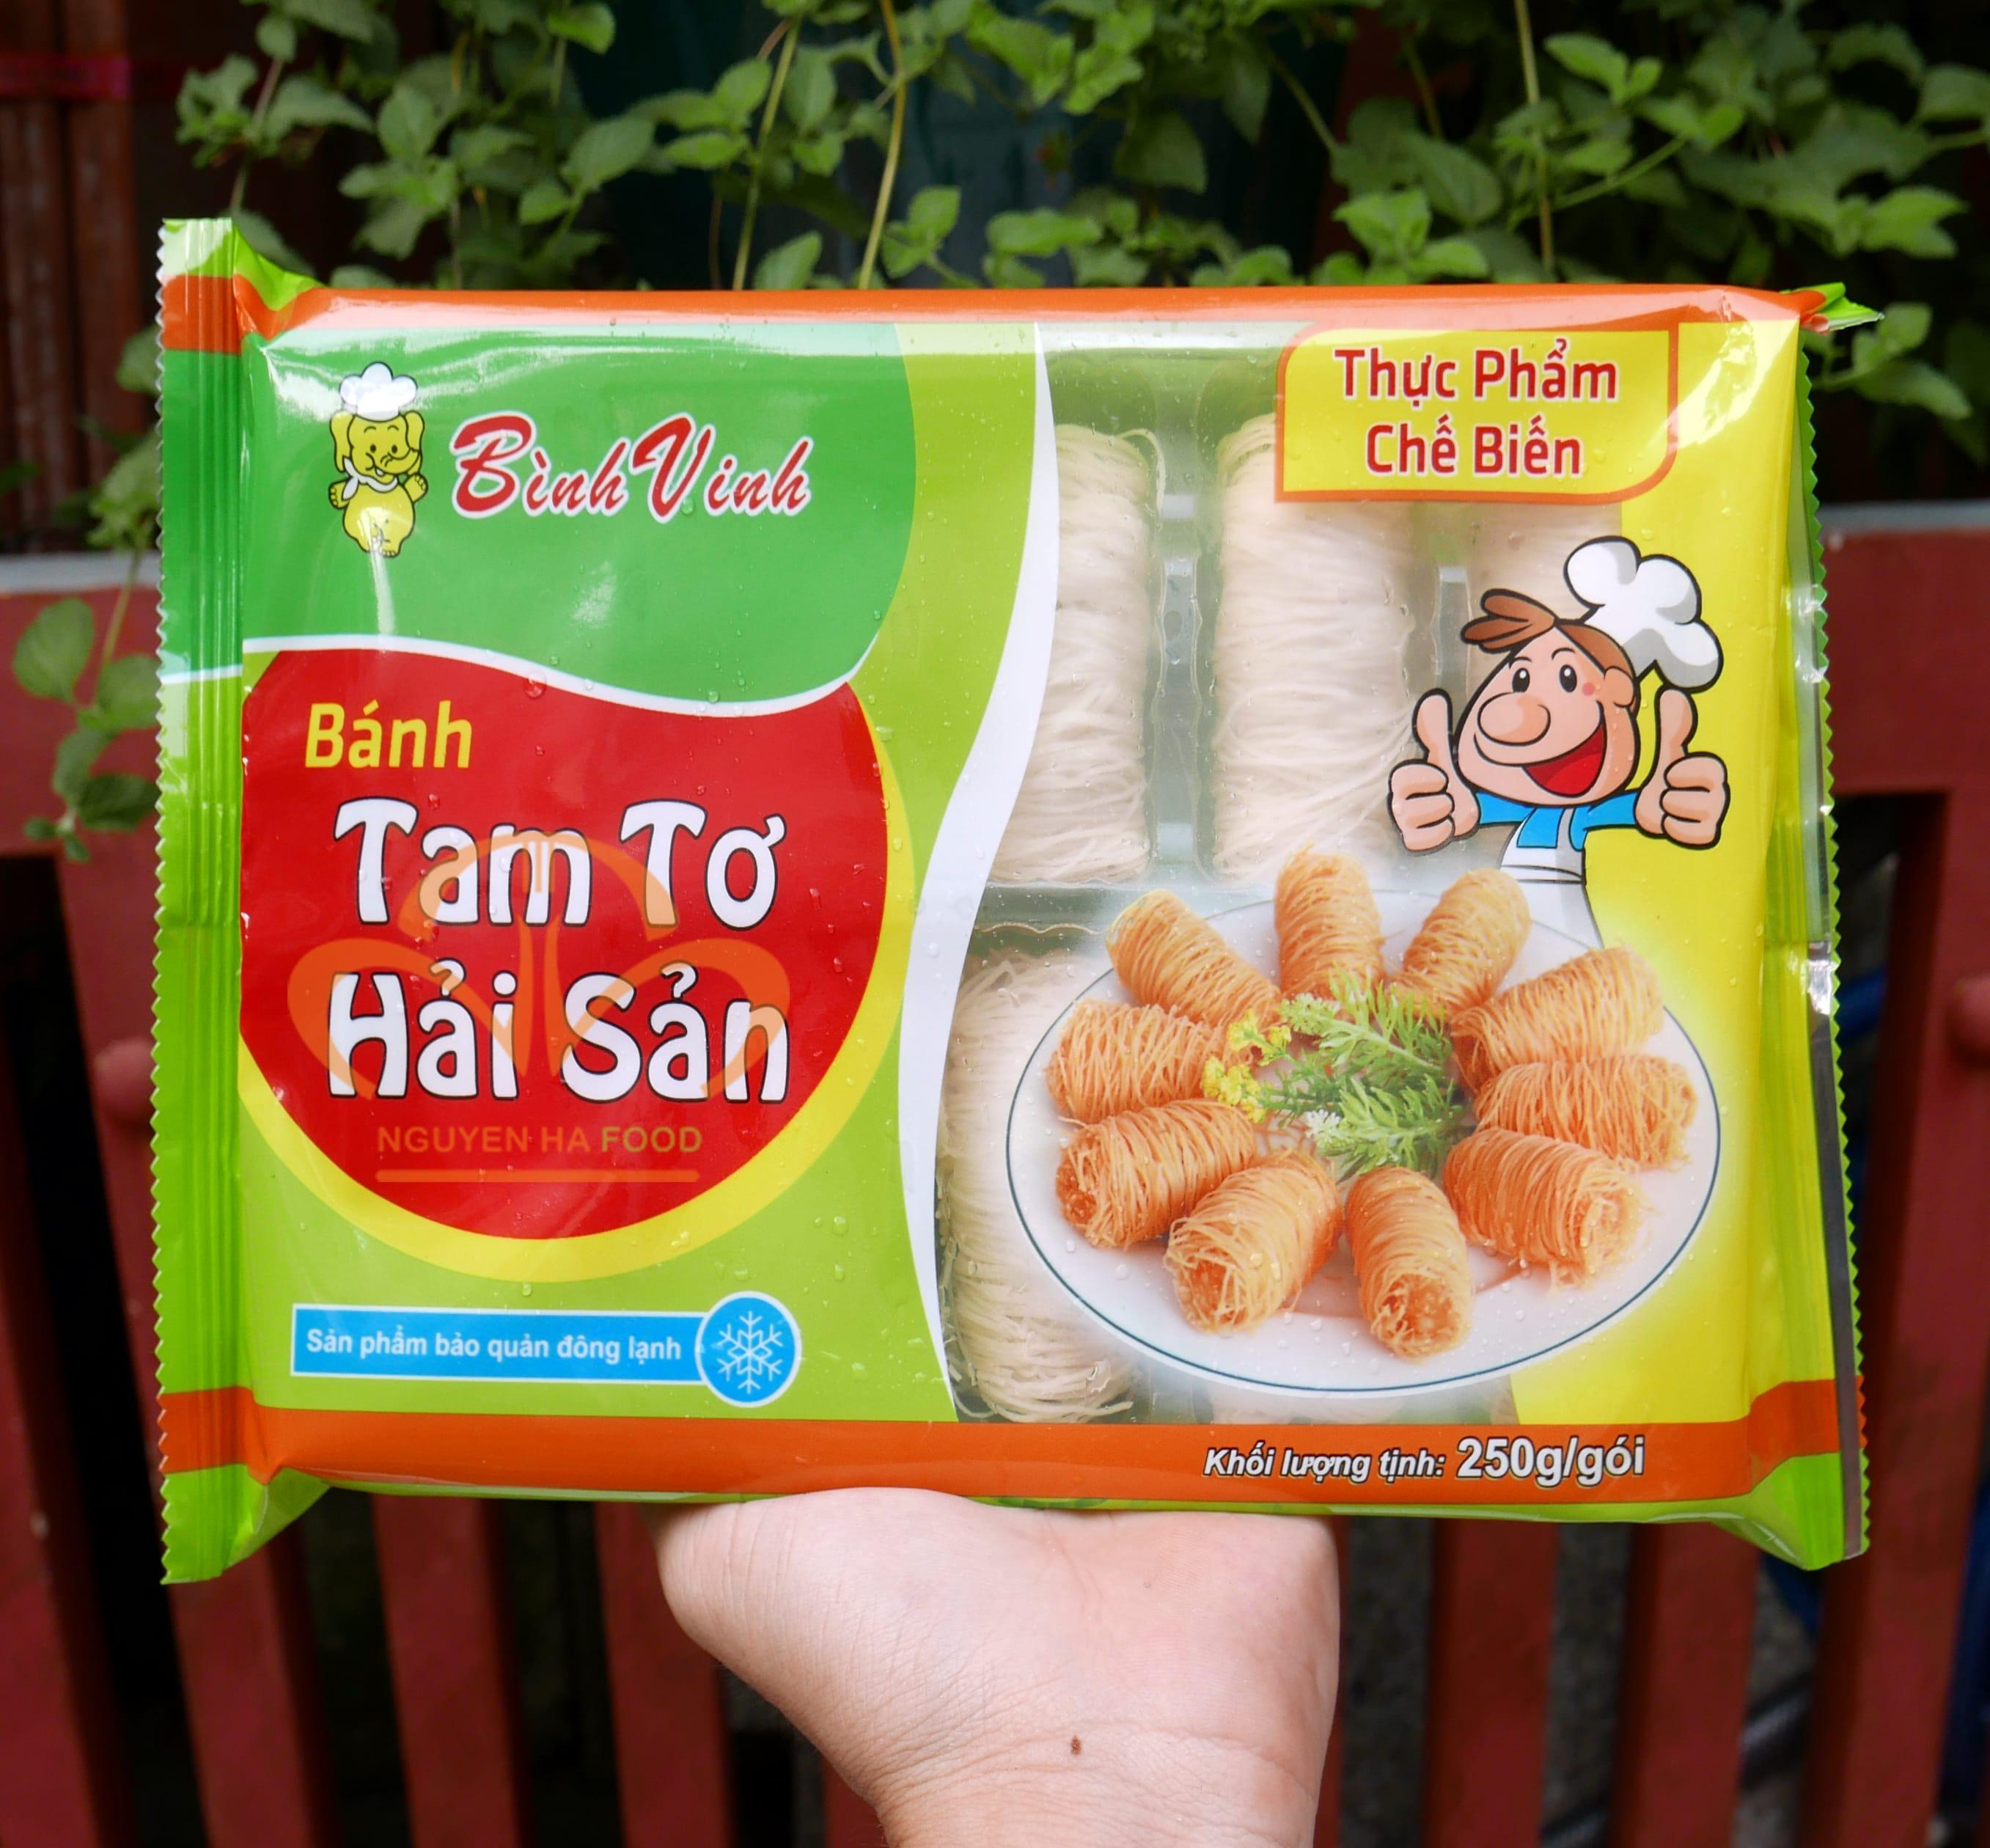 banh-tam-to-hai-san-dong-lanh